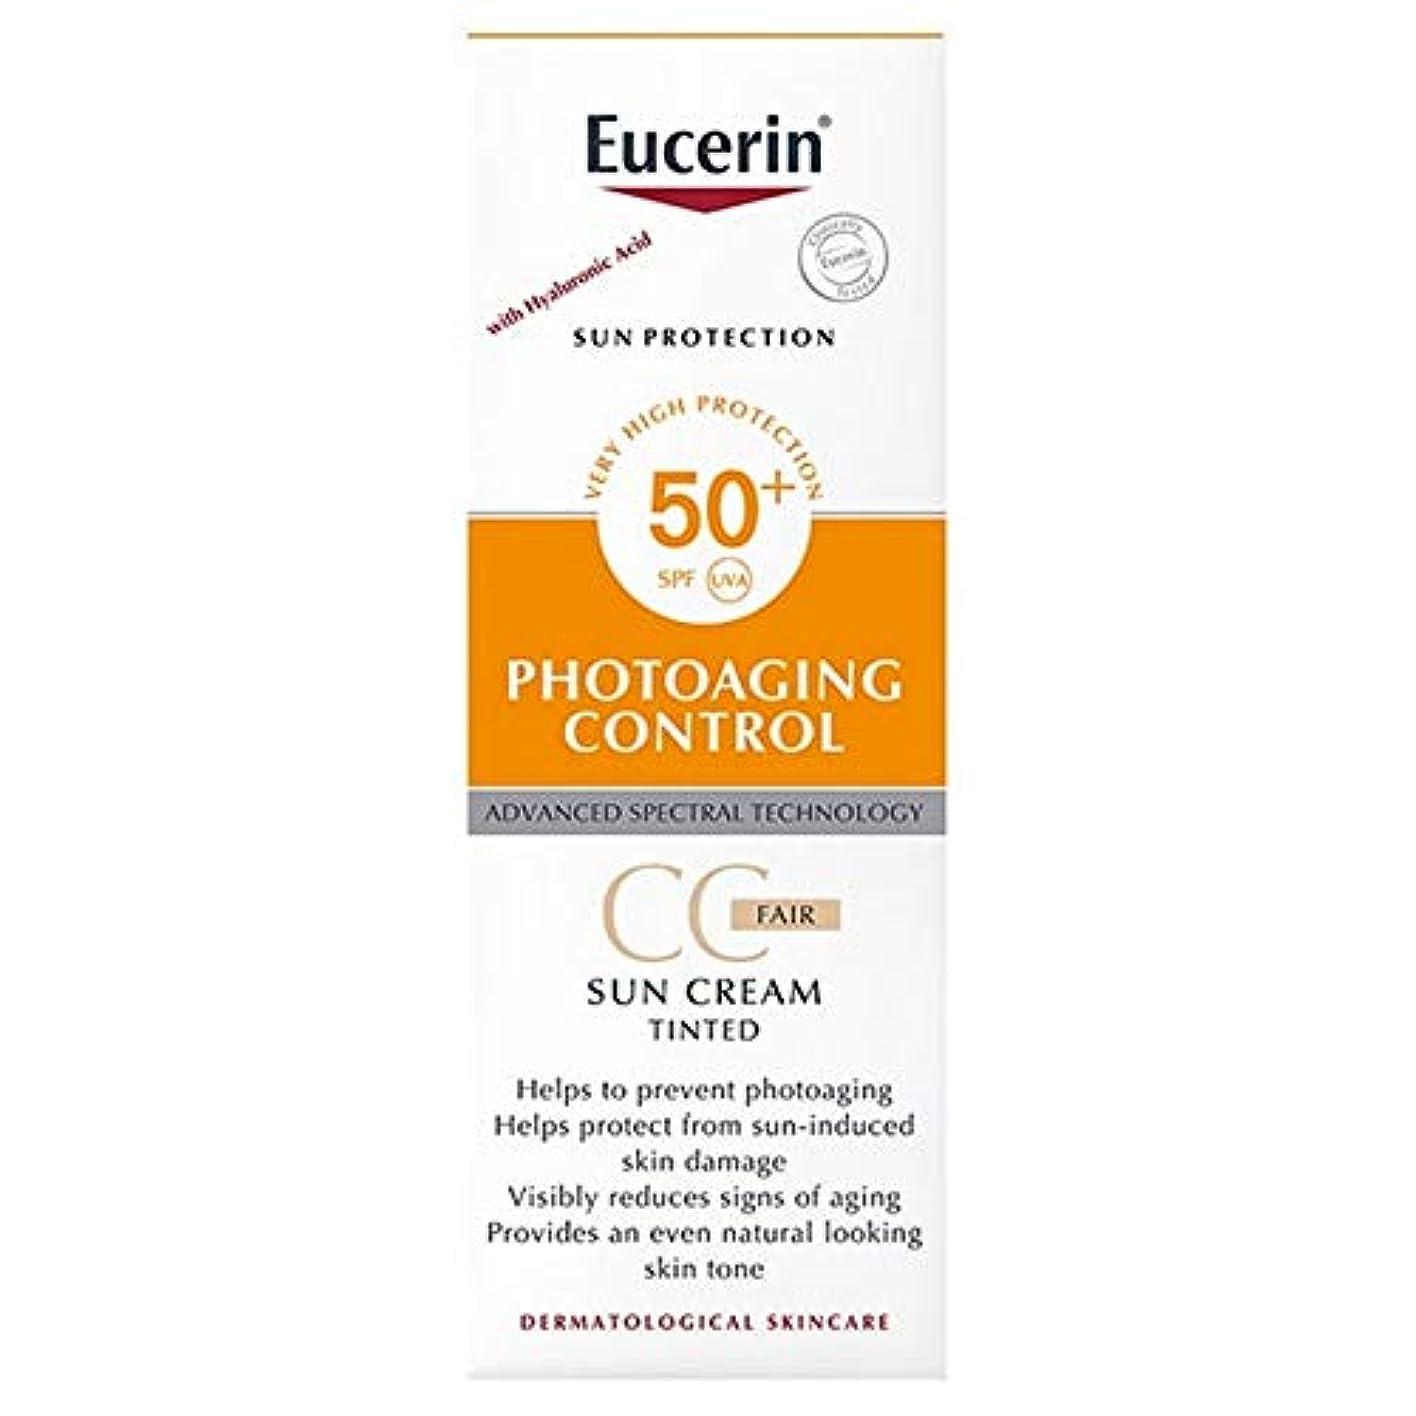 スクラップブック文芸一[Eucerin ] ユーセリンの光老化制御着色公正日クリームSpf50の50ミリリットル - Eucerin Photoaging Control Tinted Fair Sun Cream SPF50 50ml [並行輸入品]